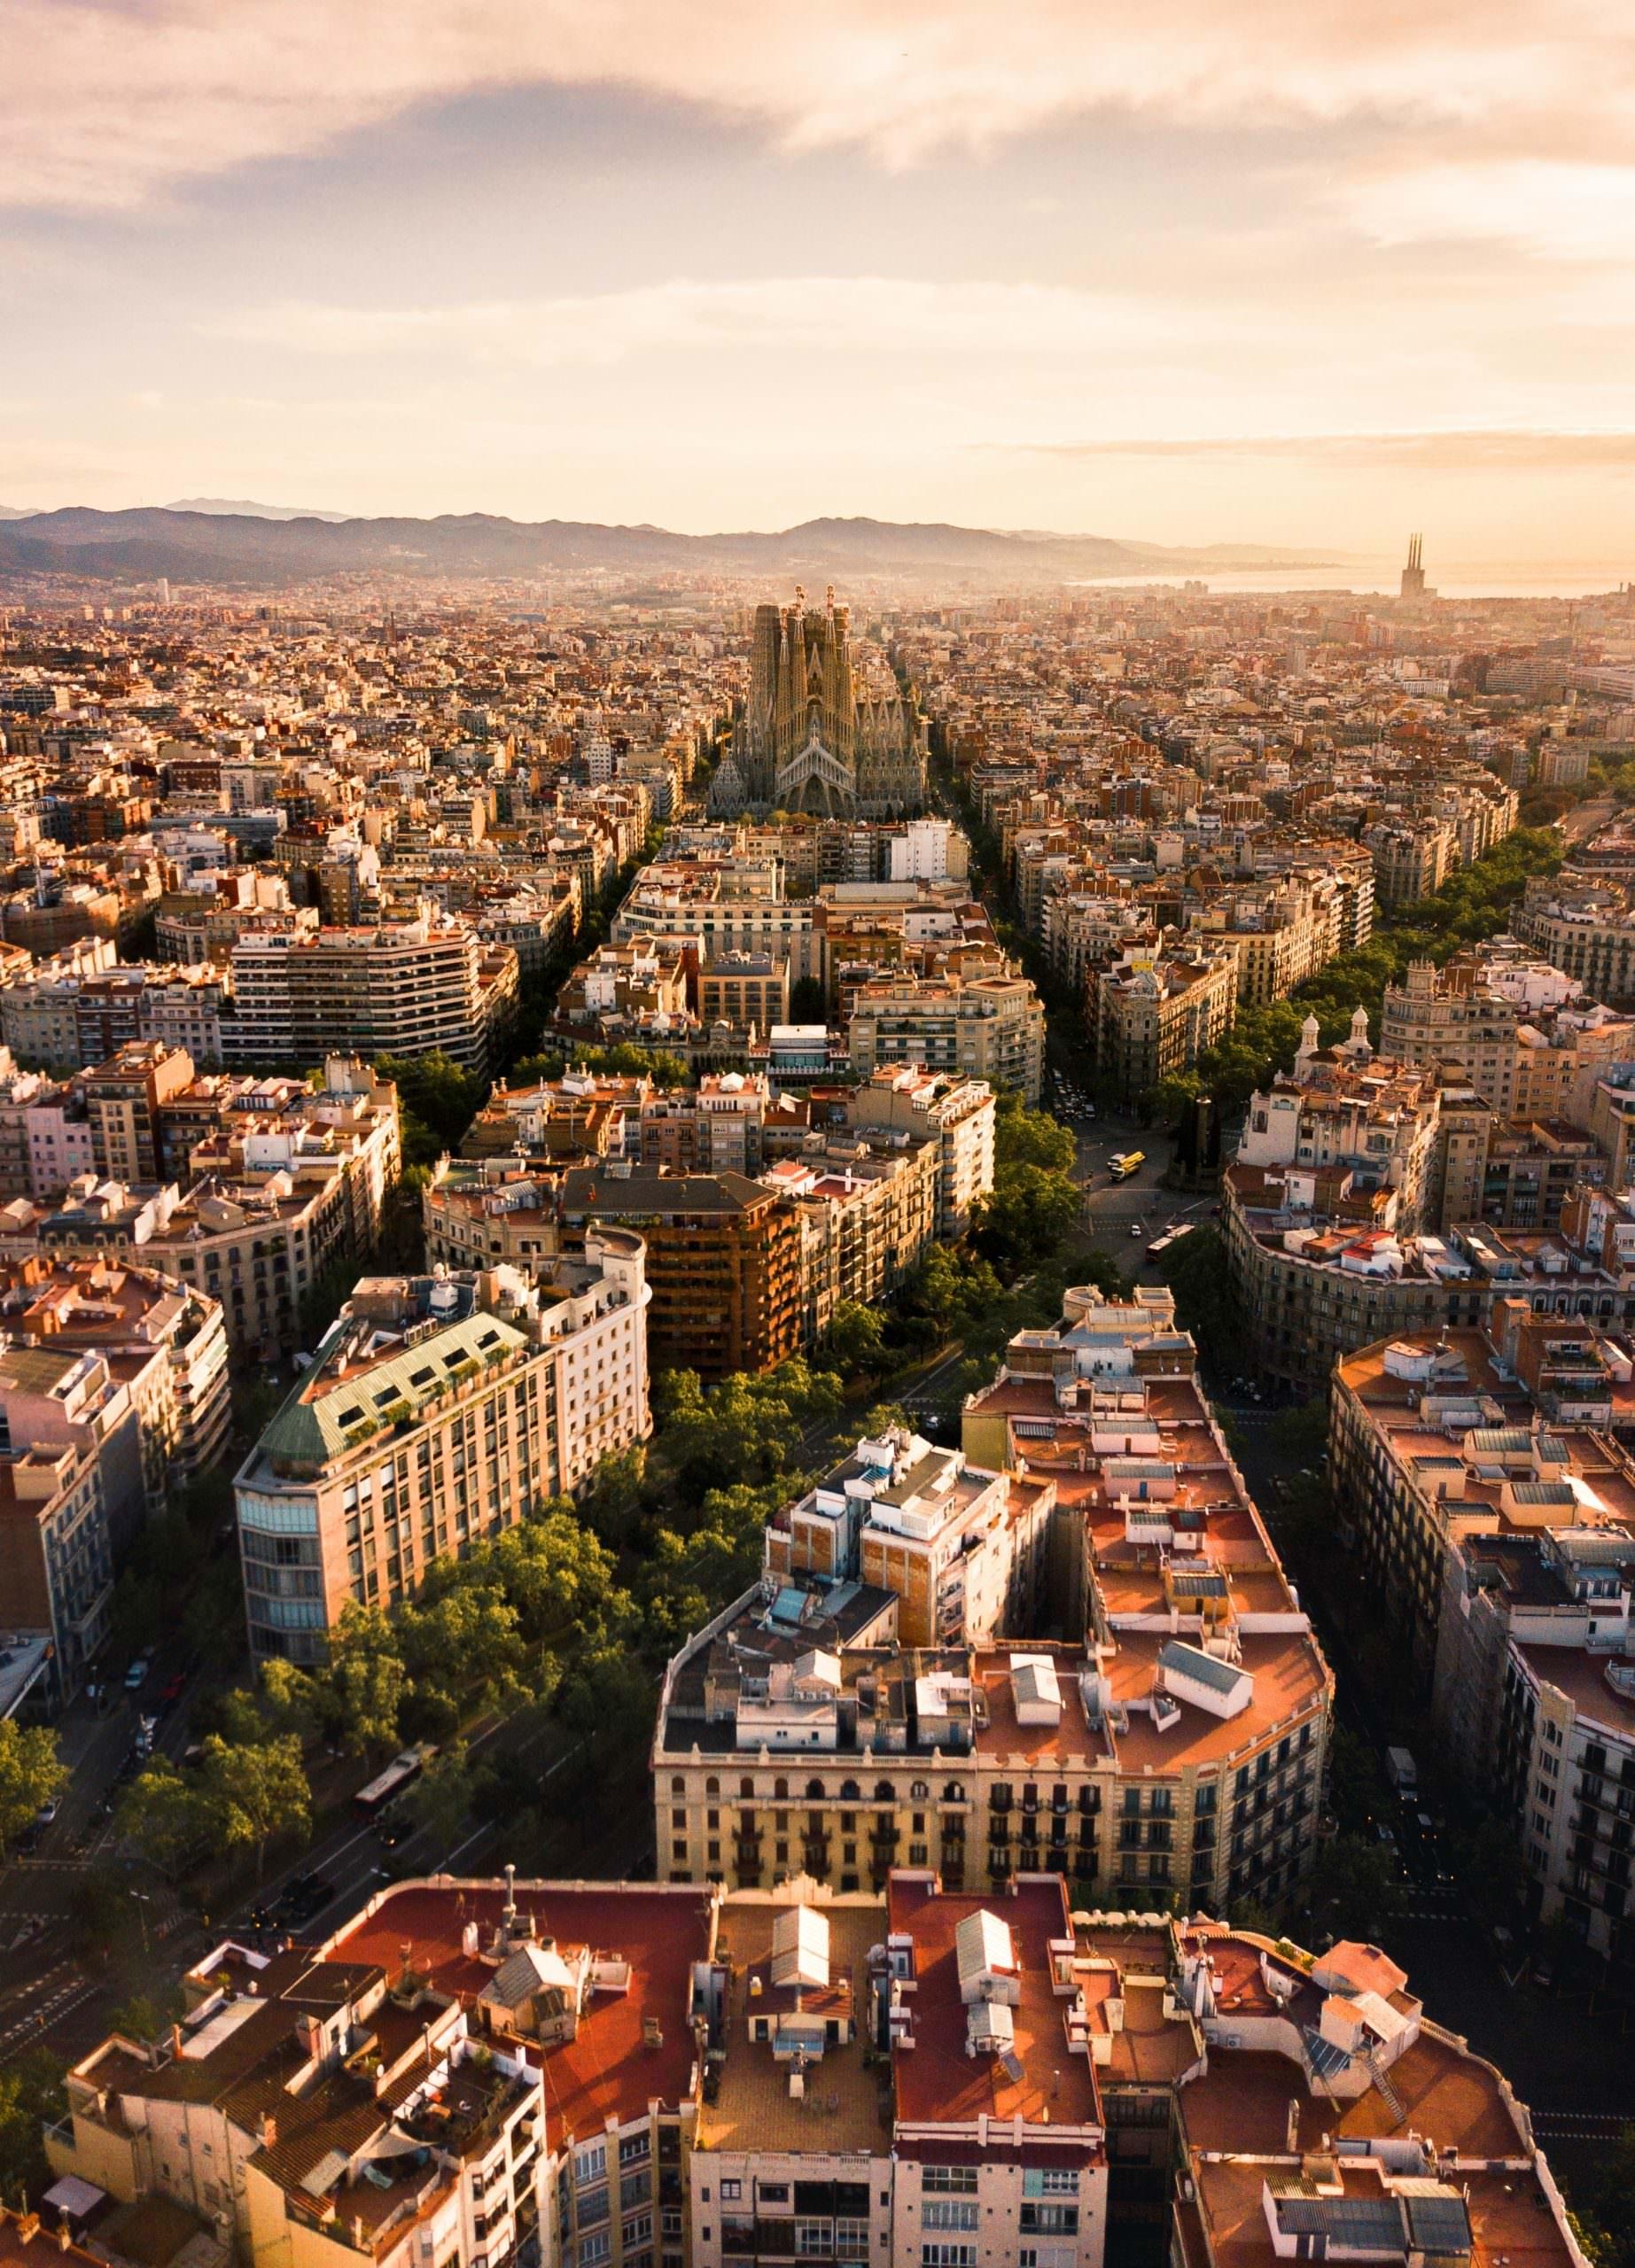 أفضل الأشياء التي يمكنك القيام بها في برشلونة – إسبانيا